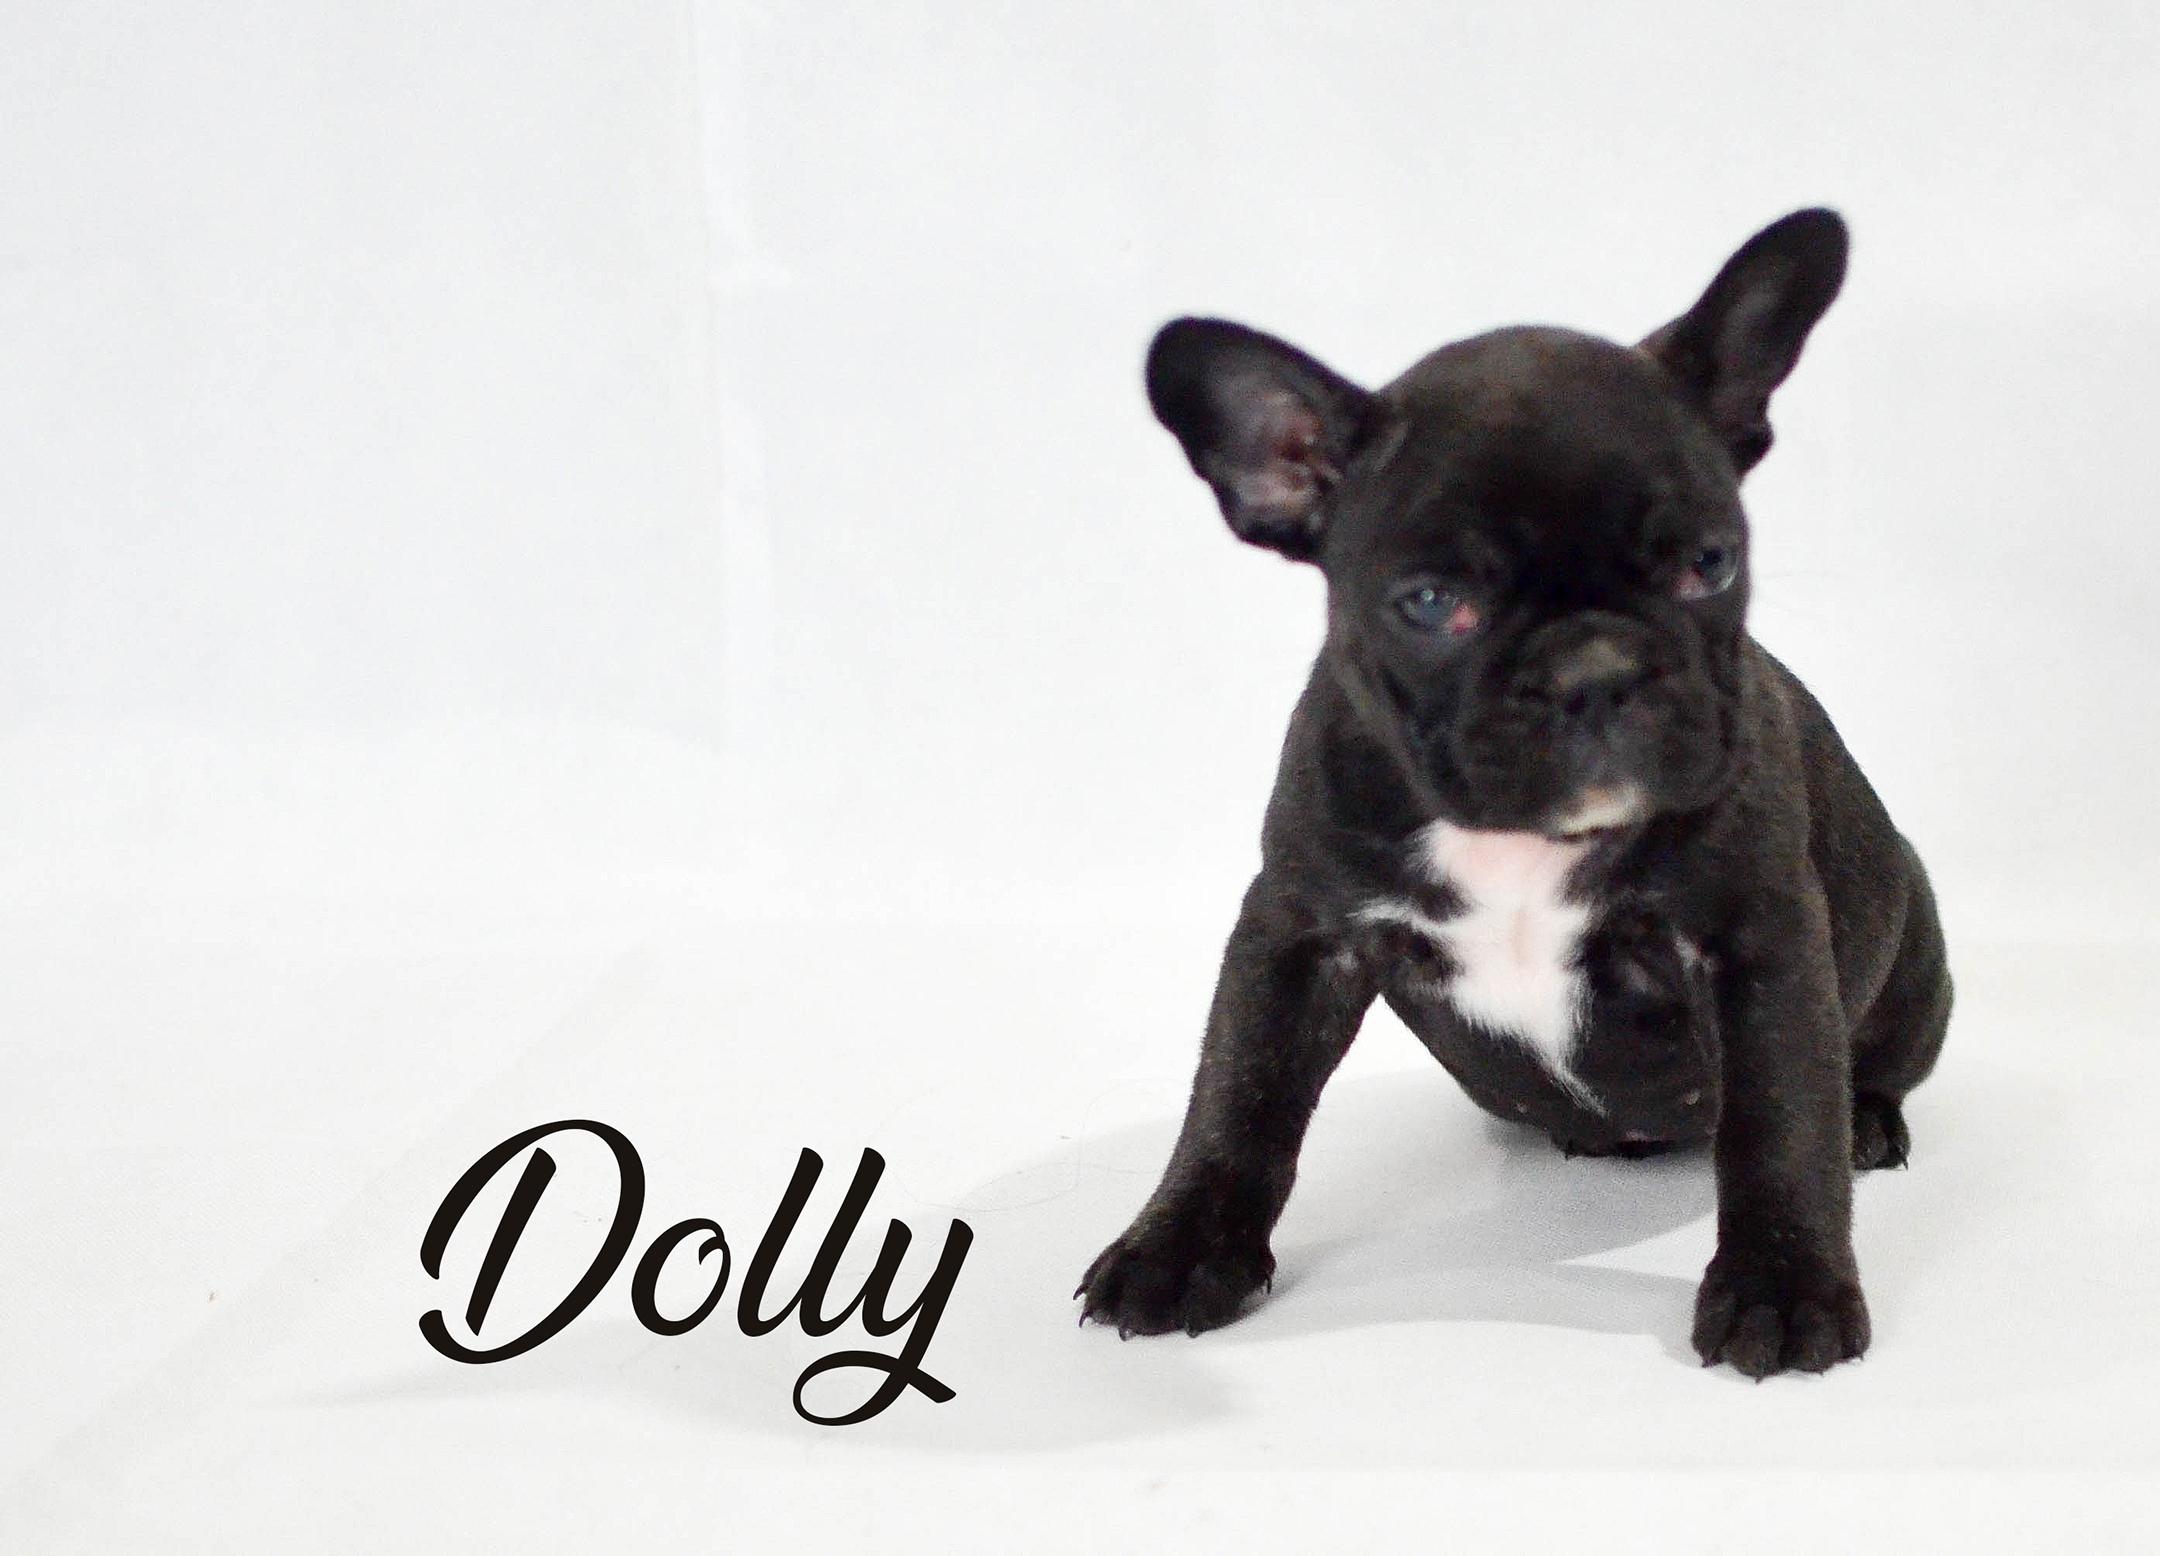 Dolly3